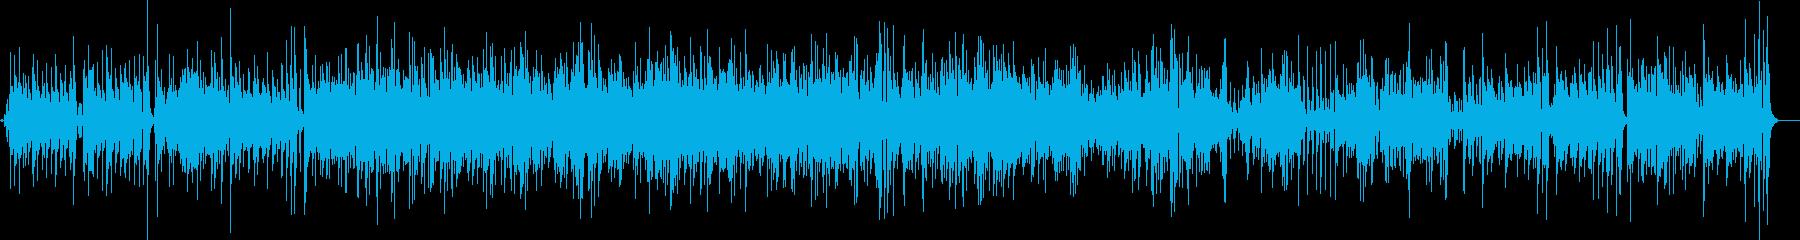 サウンドスケープを支配するバイブを...の再生済みの波形